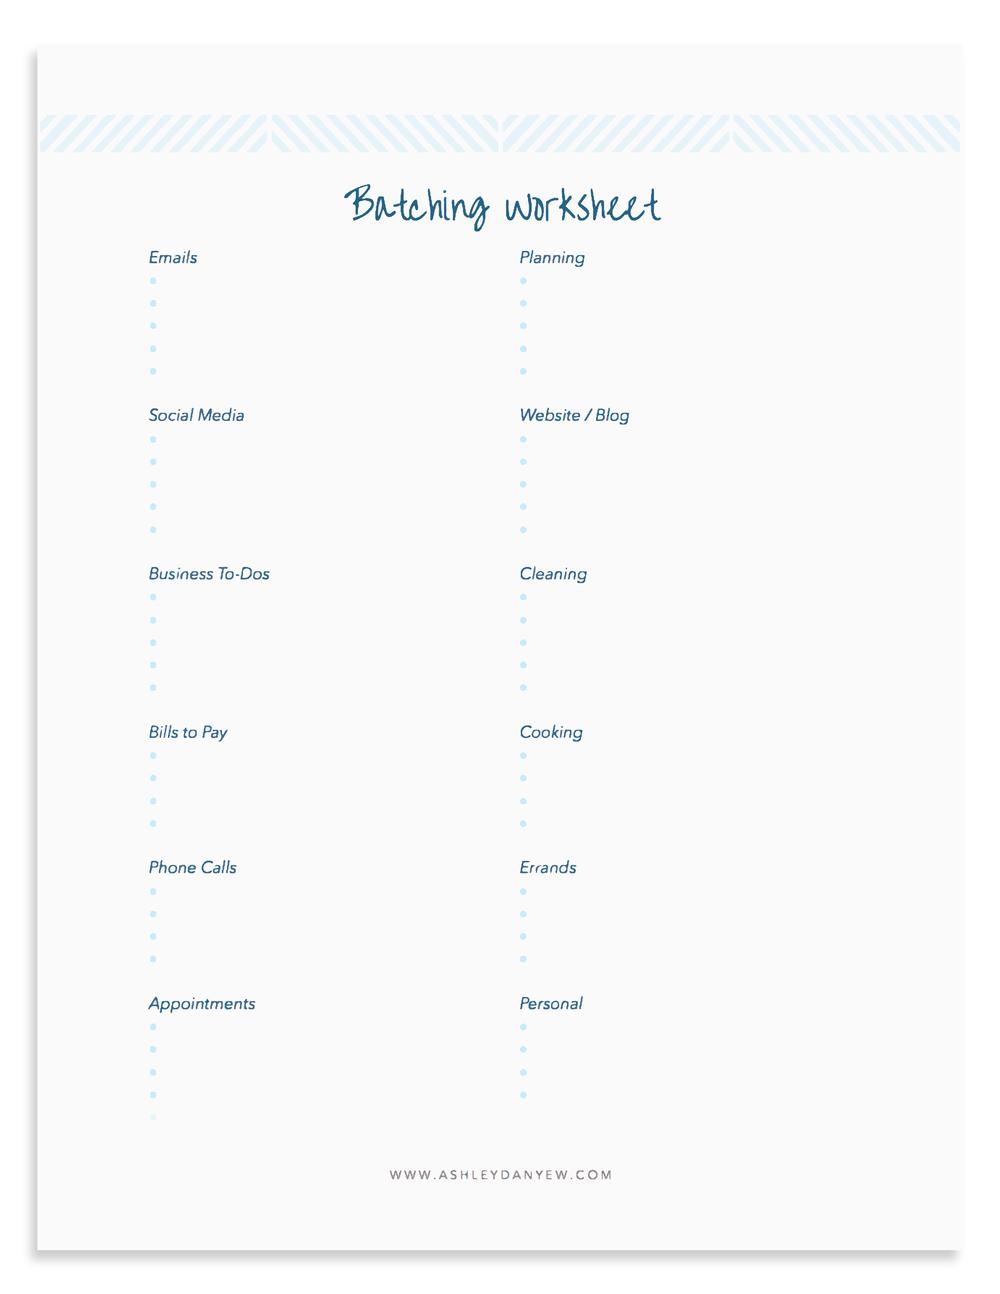 Freelance Batching Worksheet.png